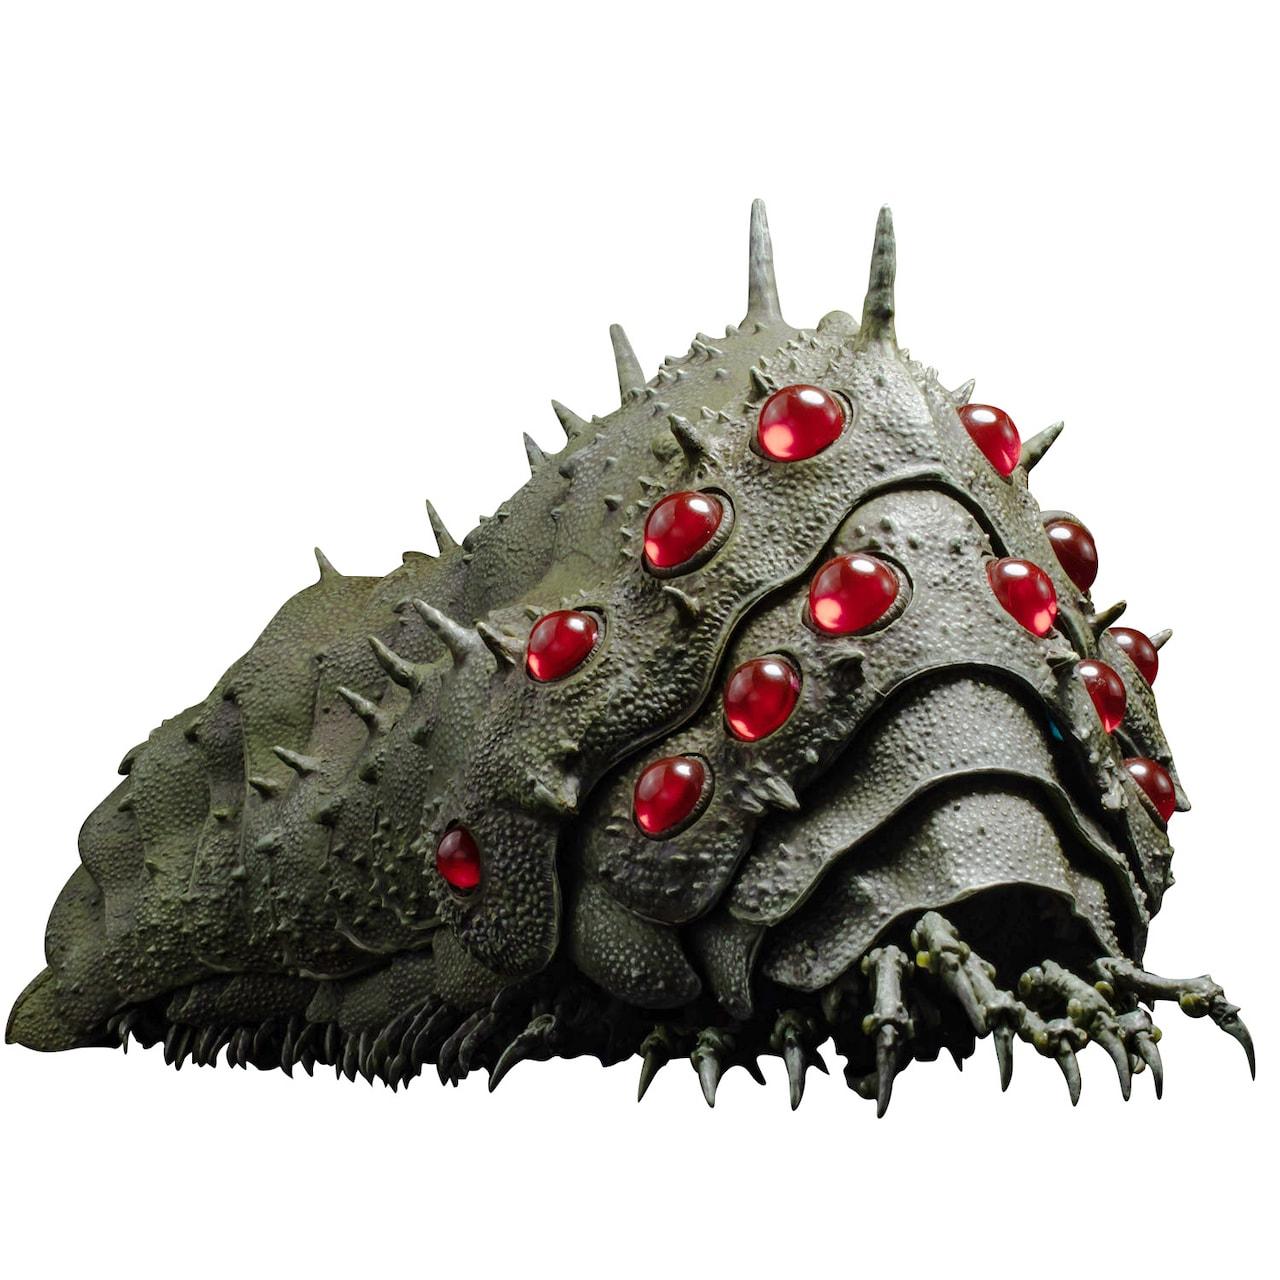 【フィギュア】100本の脚が可動「風の谷のナウシカ」王蟲 ウネウネした動きも再現